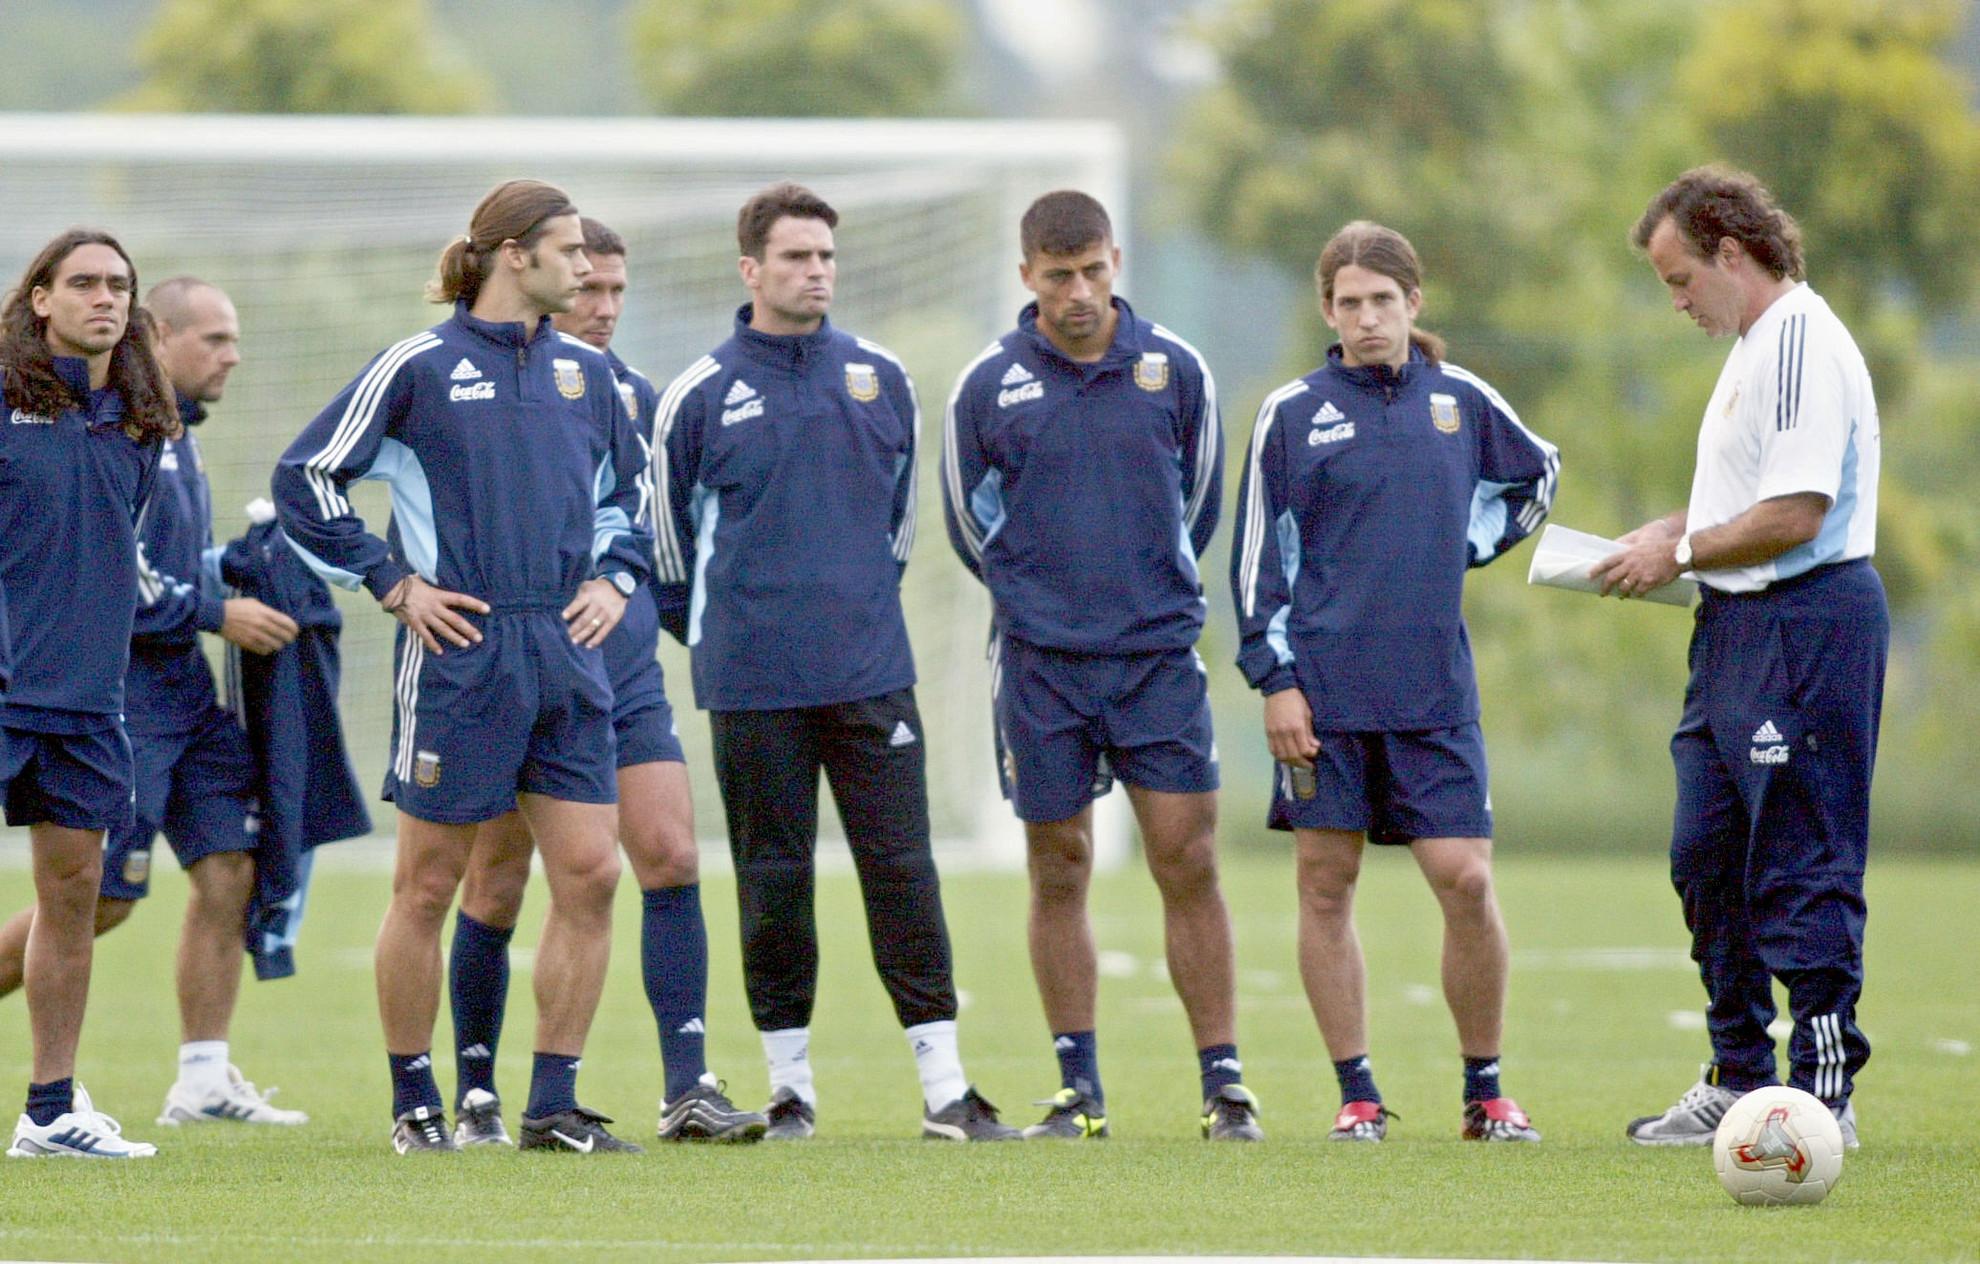 Bielsa edzést vezet az argentin válogatott tagjainak a 2002-es világbajnokságon